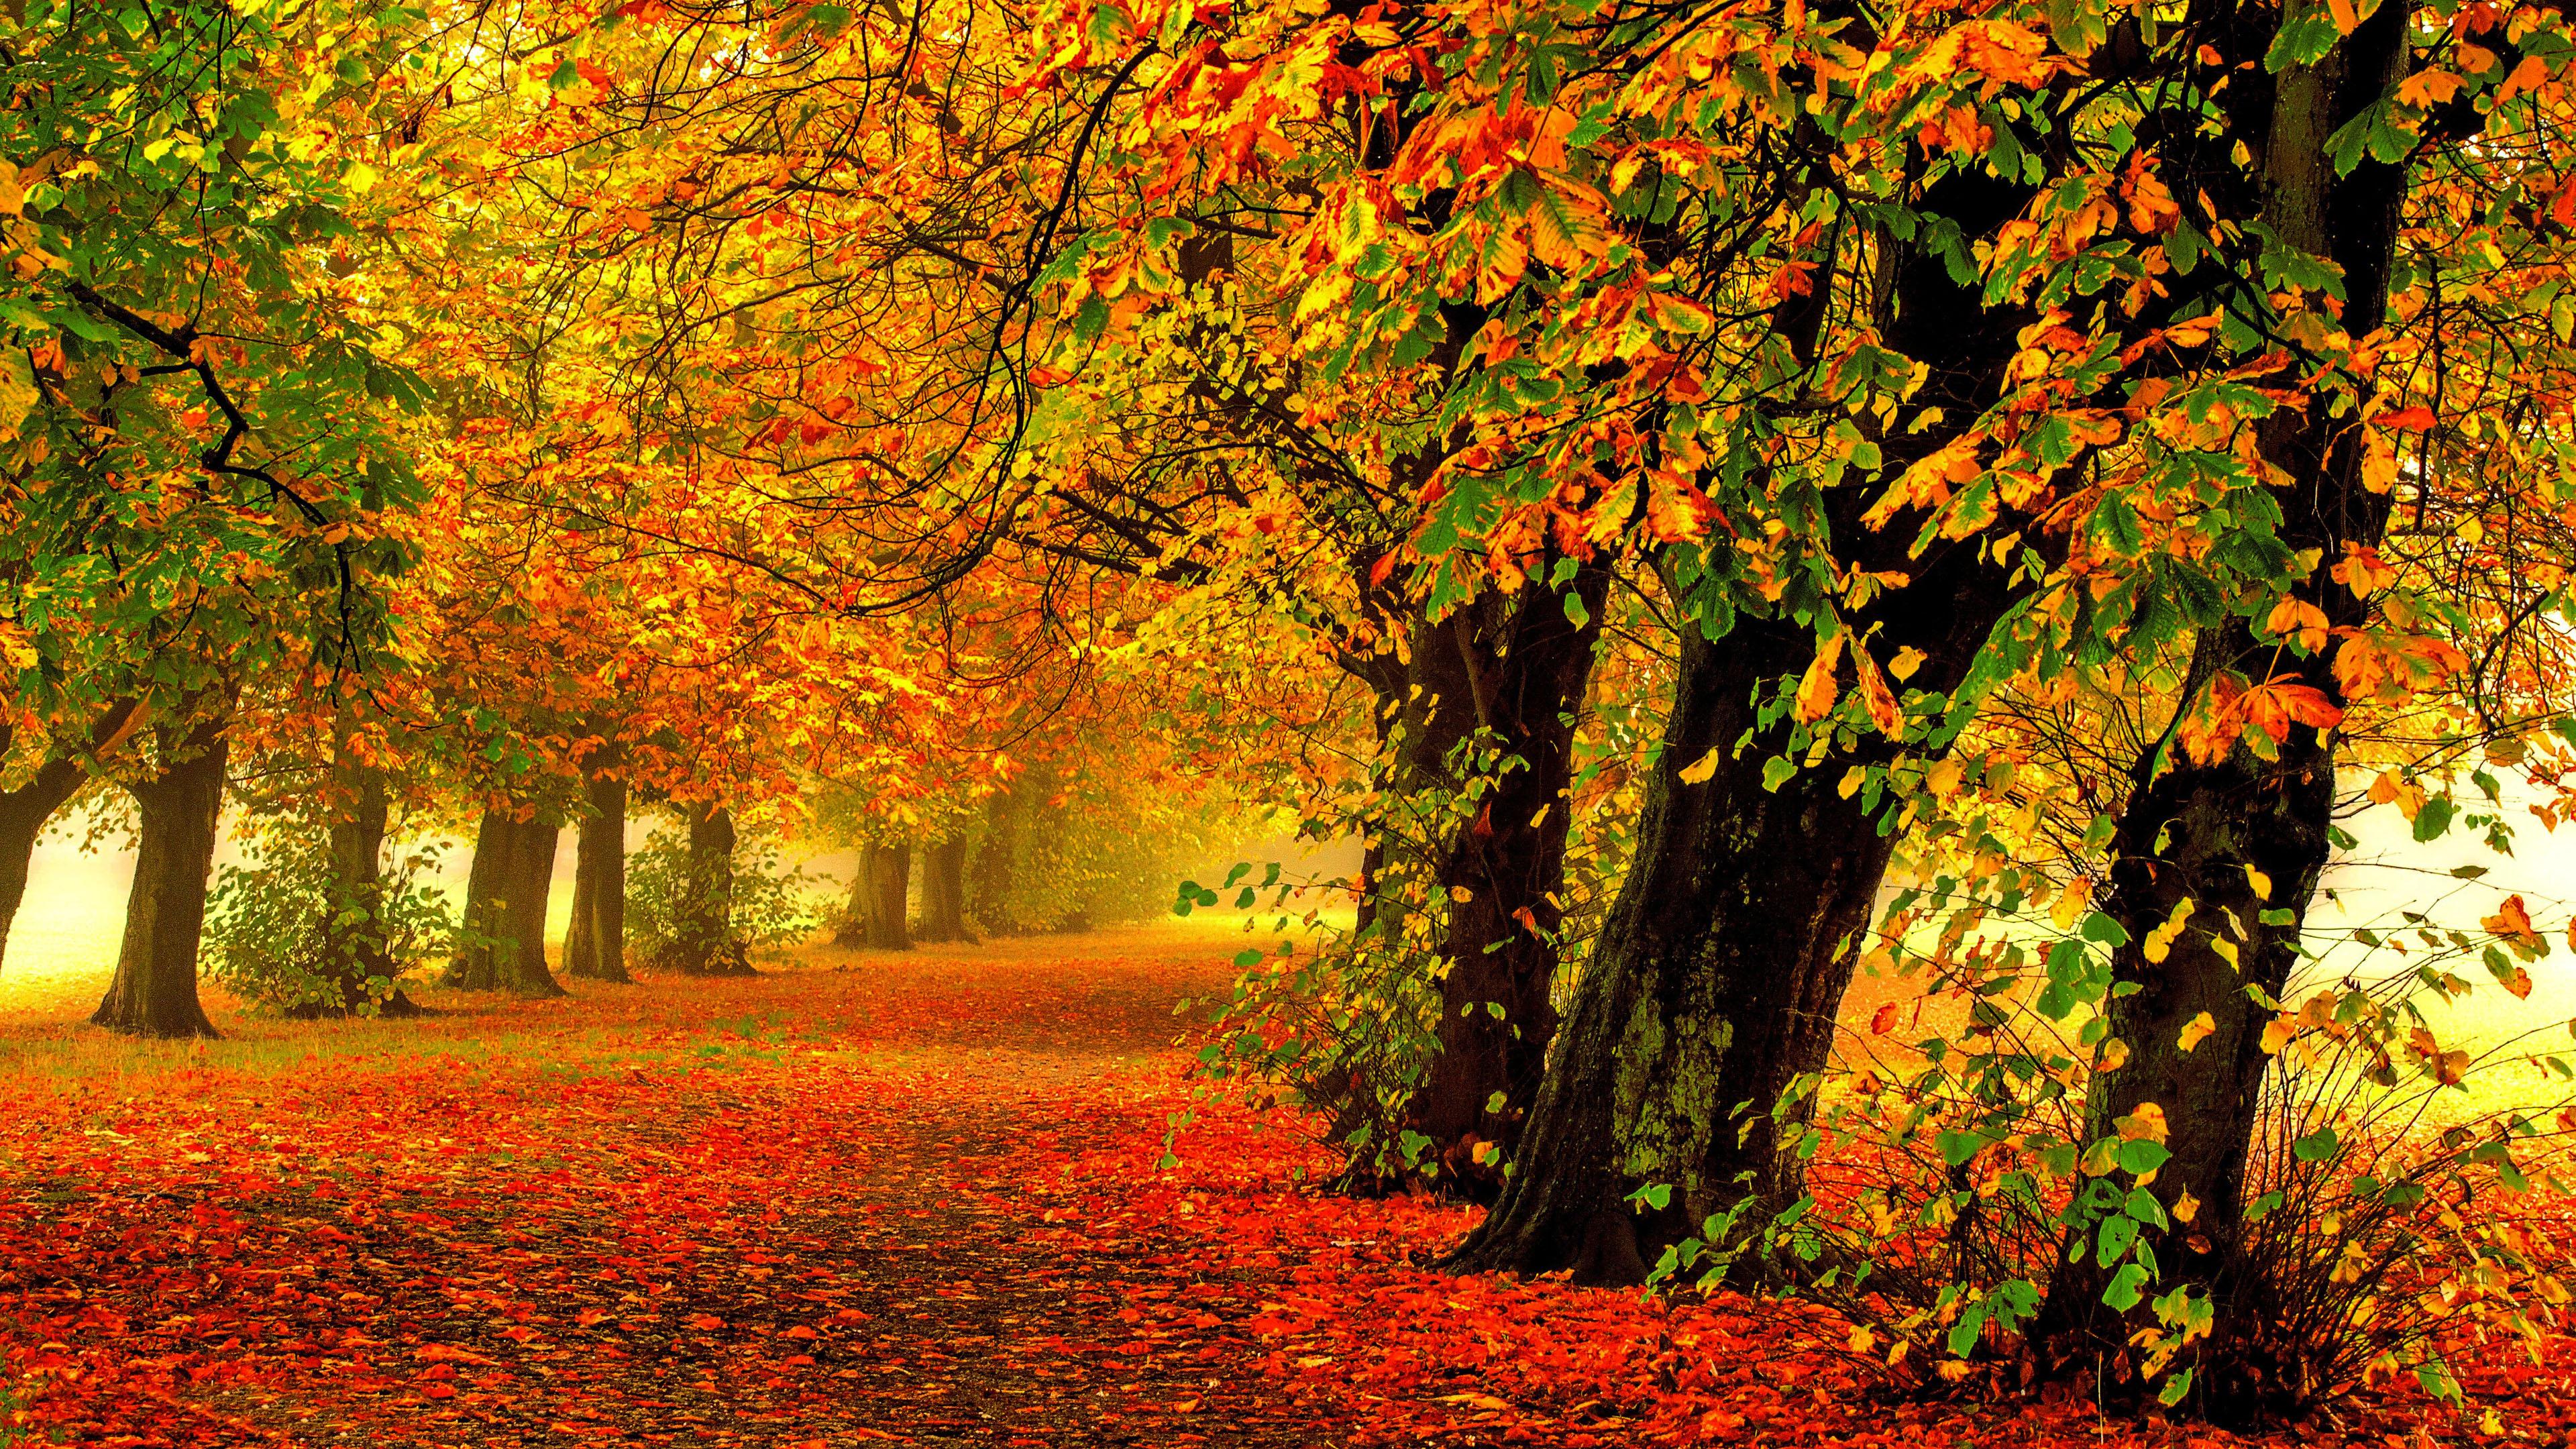 обои на рабочий стол осень ноябрь природа